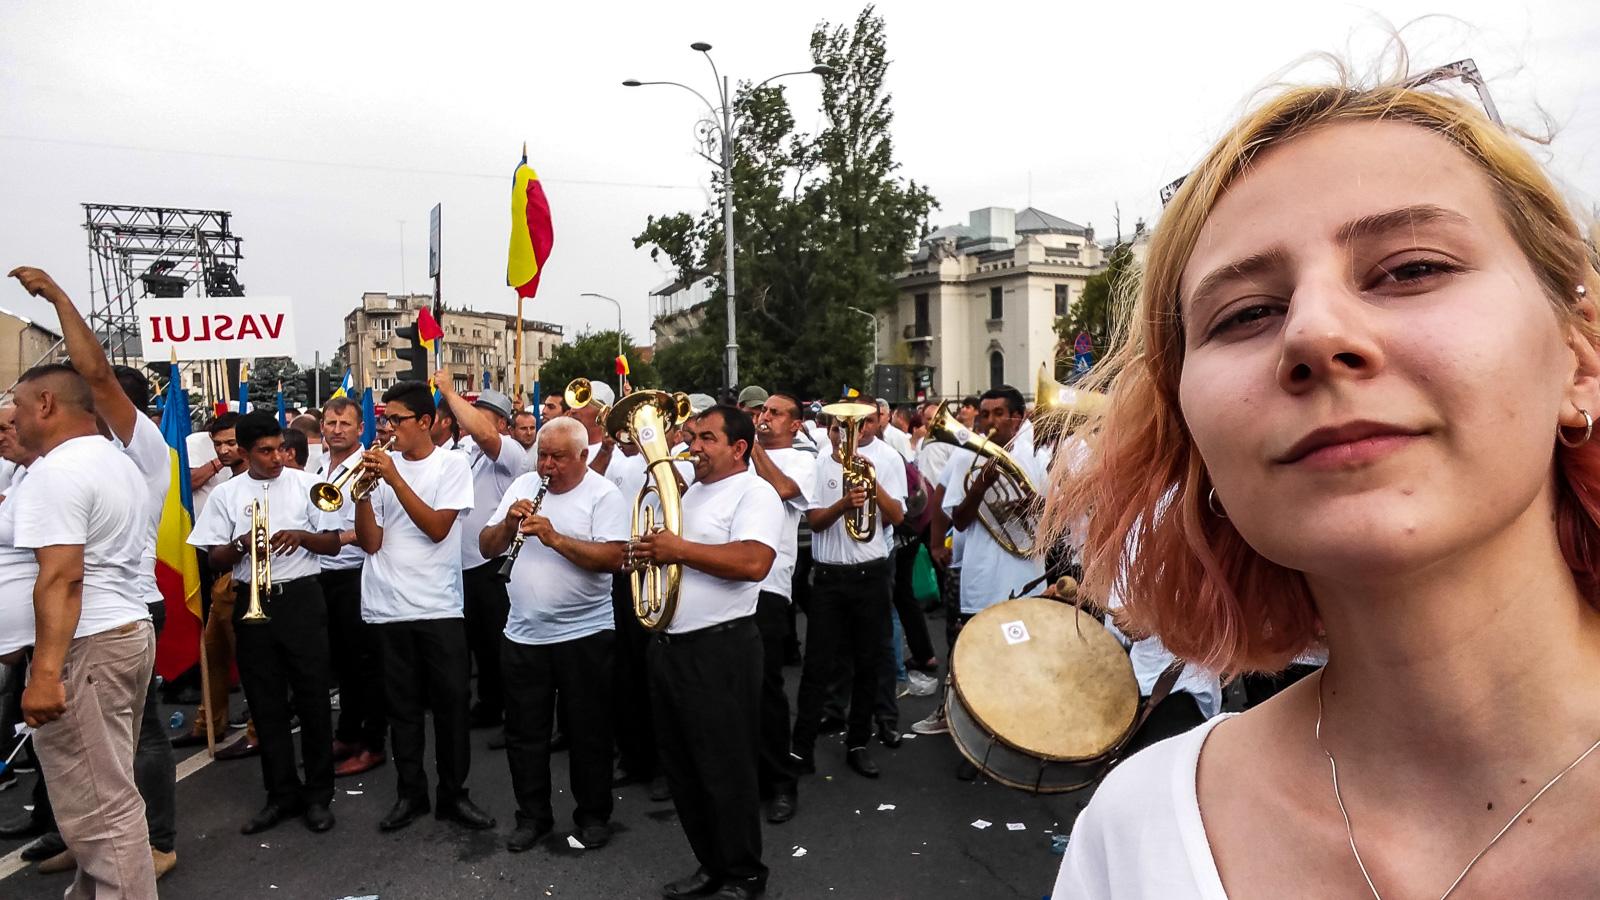 Dragnea - Cine va pierde de pe urma mitingului PSD-ALDE - Pagina 2 1528640450599-Miting-PSD-oamenii-din-Vaslui-13